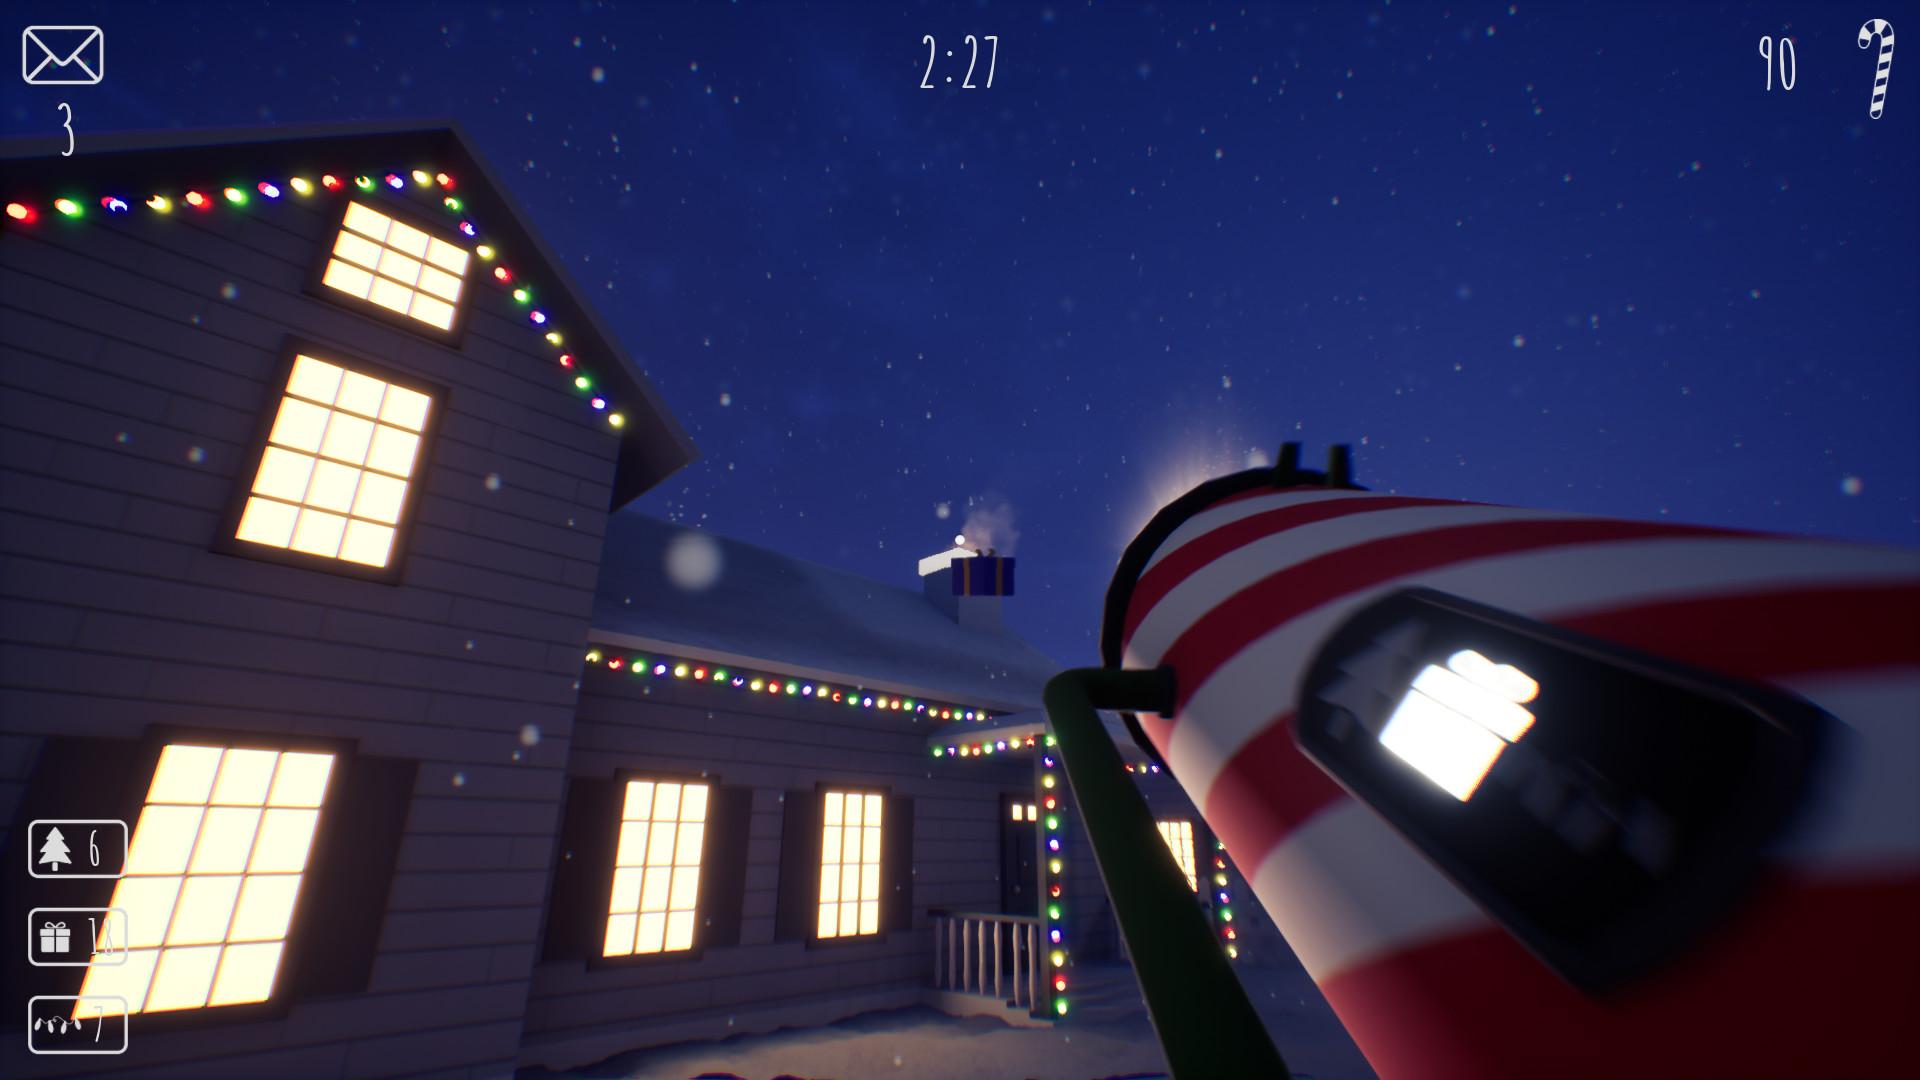 Christmas Time 2019 screenshot